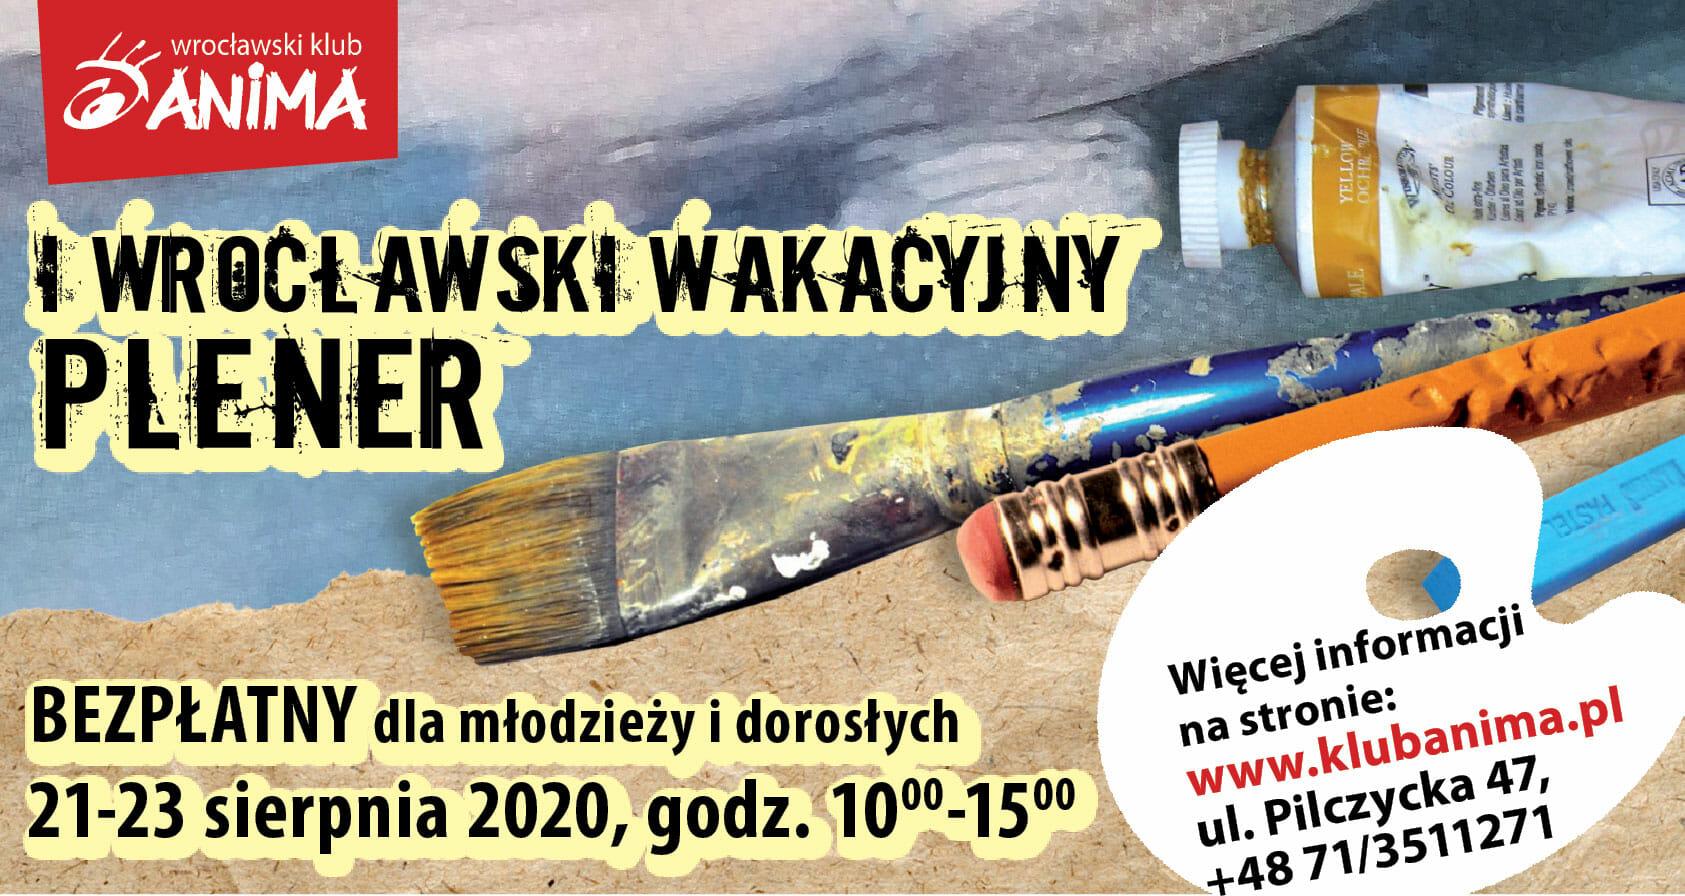 Wrocławski Wakacyjny Plener